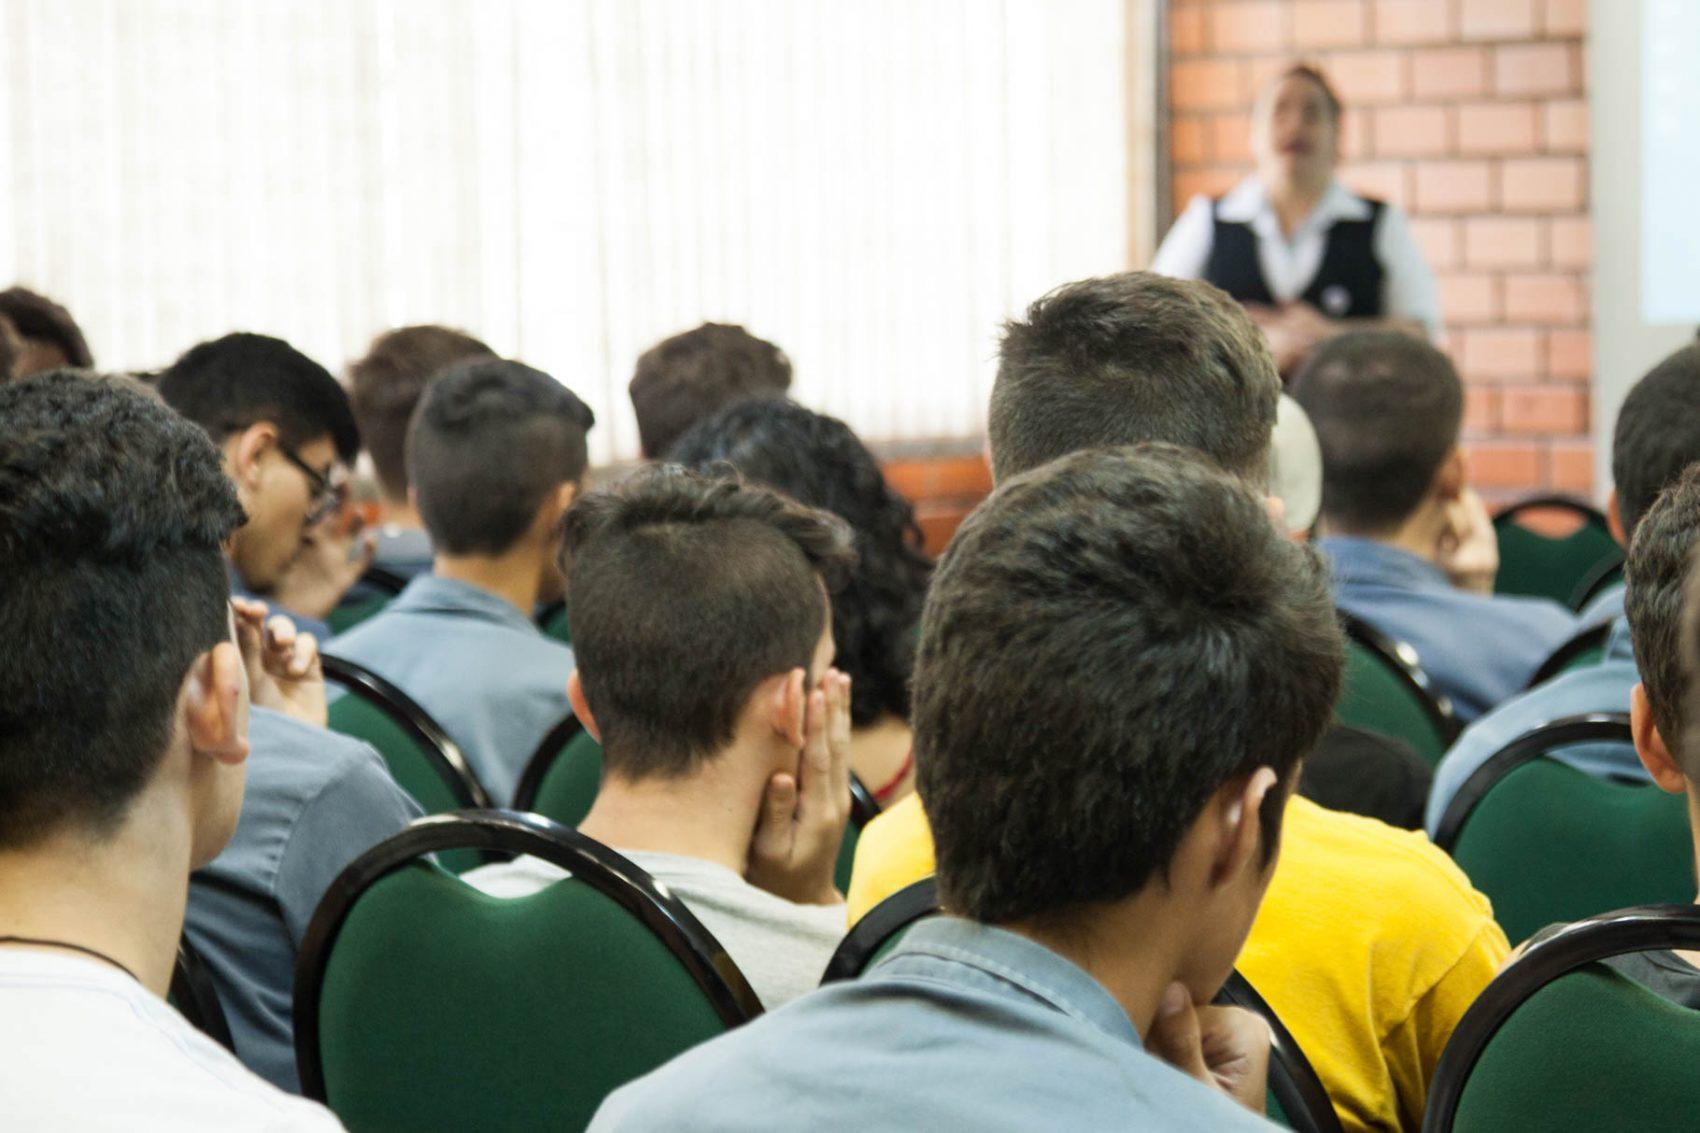 Palestra para alunos do Senai, em Montenegro, em 2017